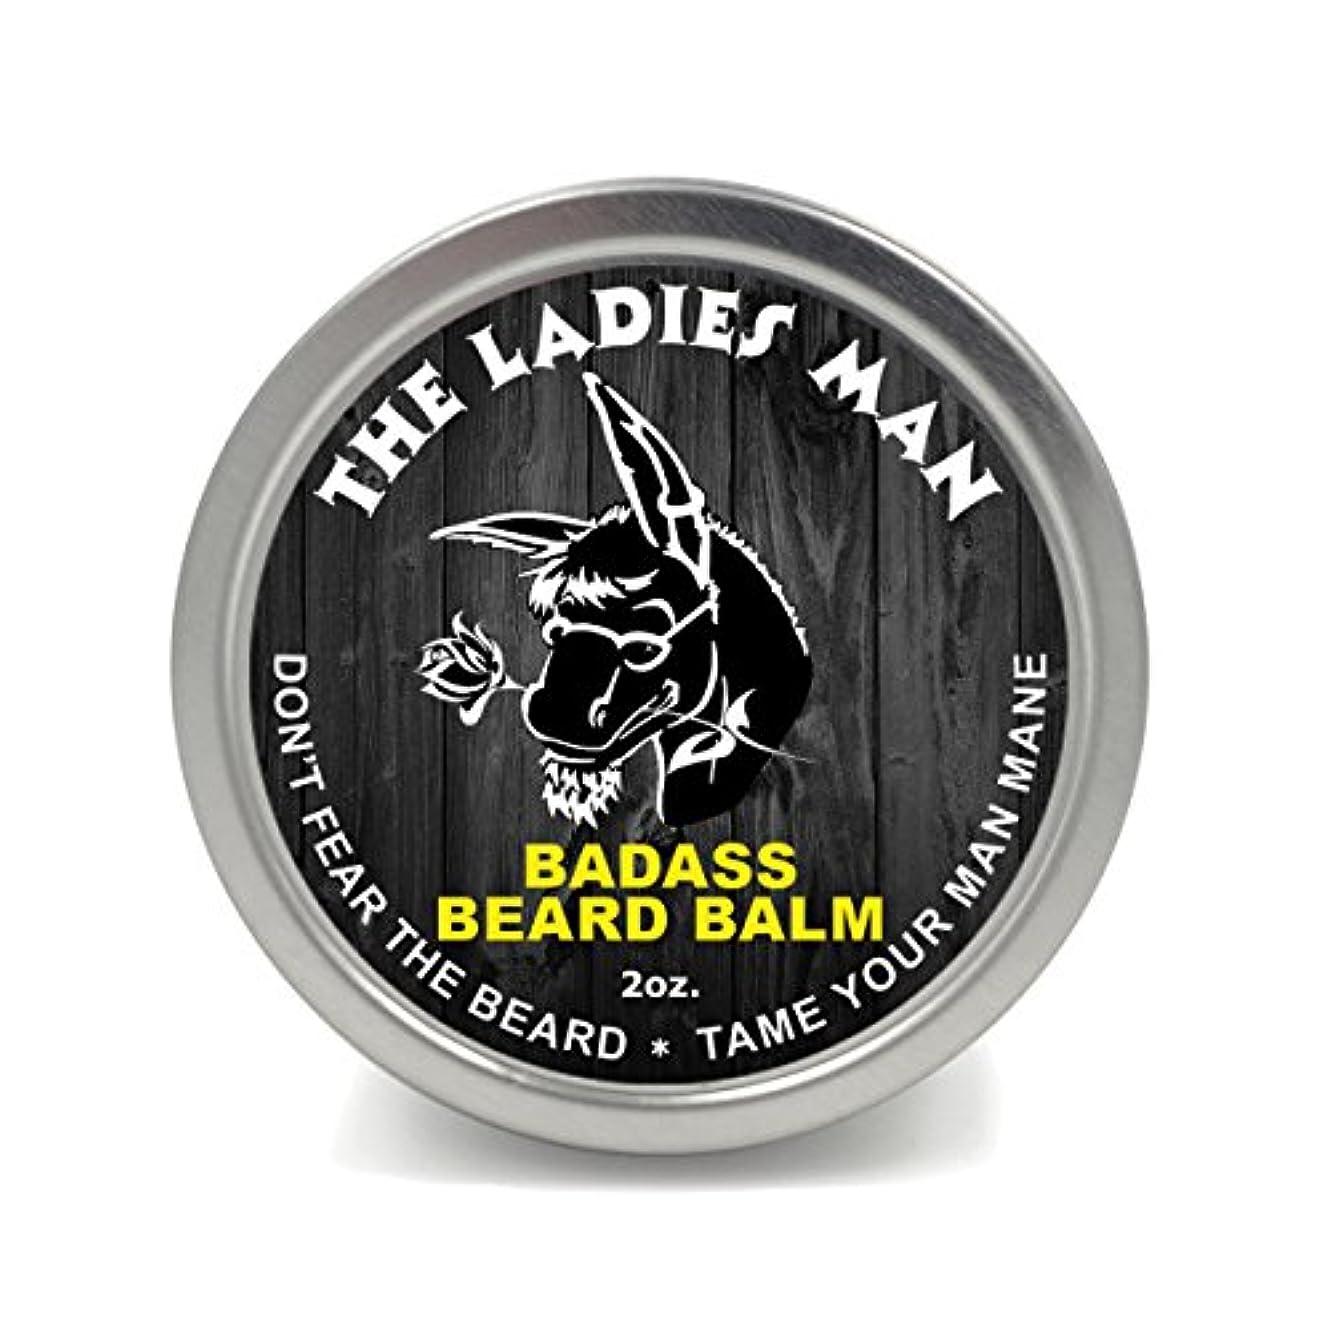 主権者財政マラドロイトBadass Beard Careビアードバーム2オンスレディースマン